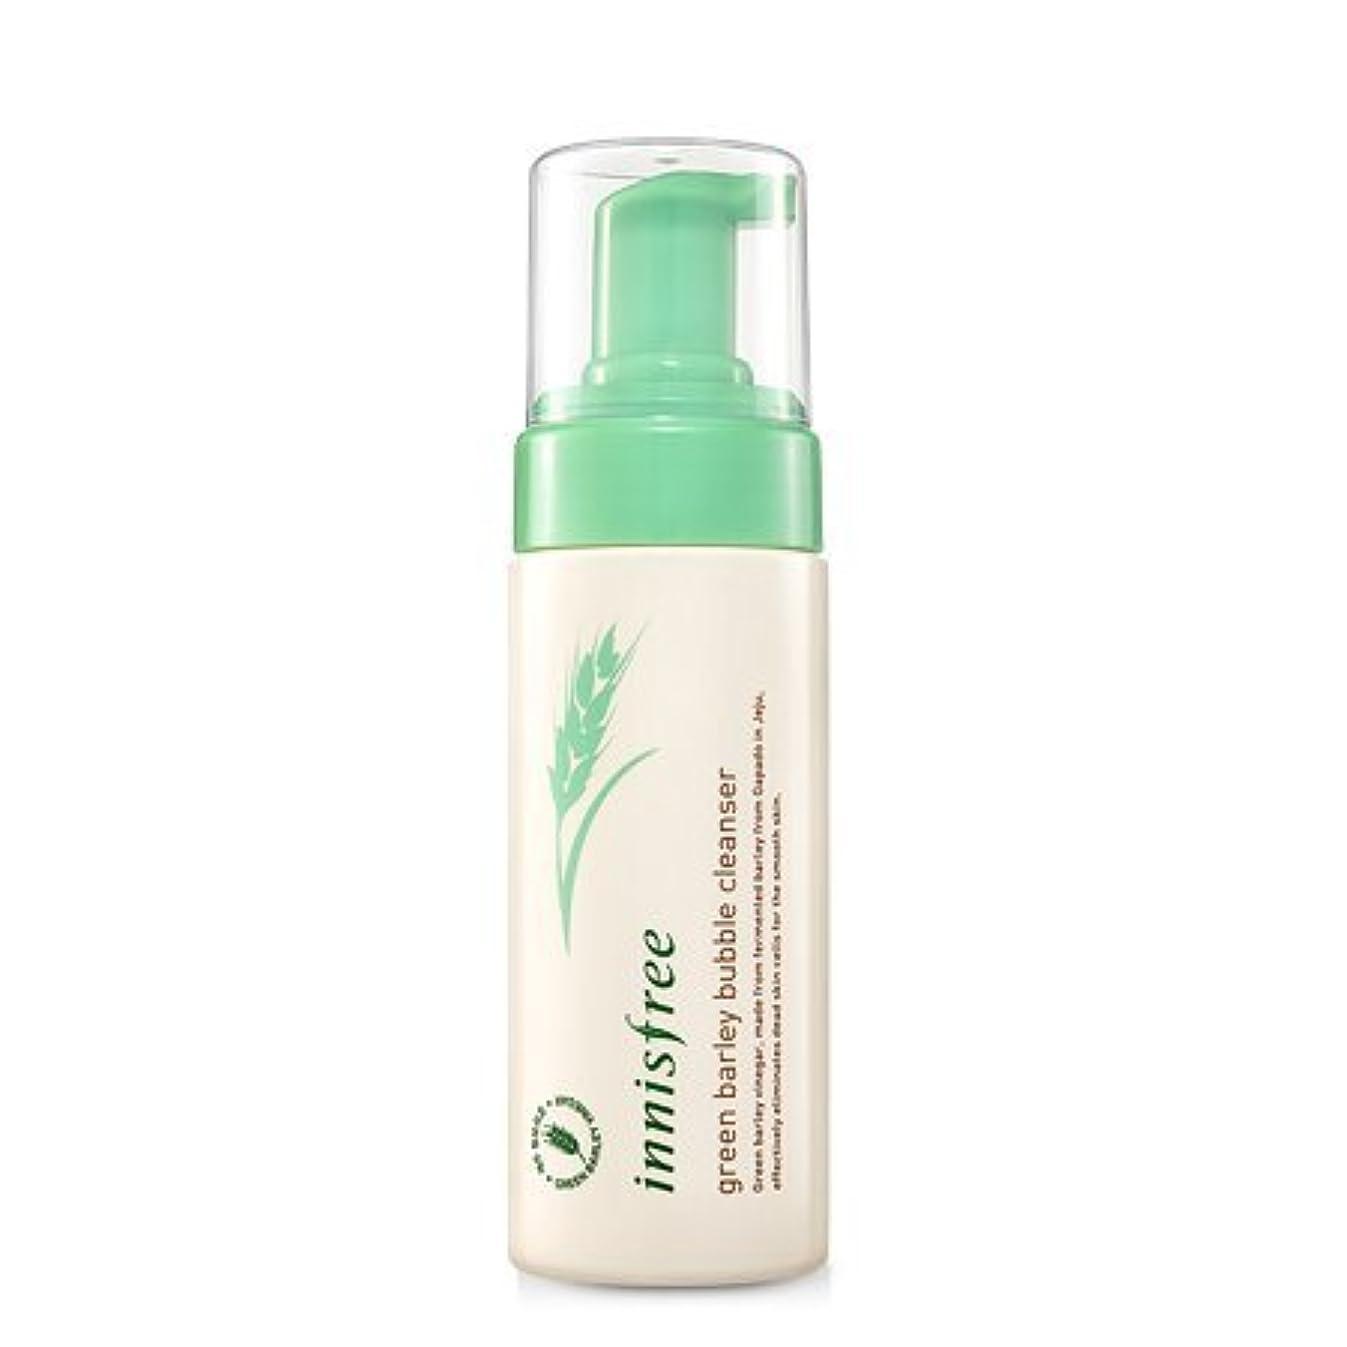 慈悲暴露するハロウィン[innisfree(イニスフリー)] Green barley bubble cleanser 150ml 青麦のバブルクレンザー [並行輸入品][海外直送品]